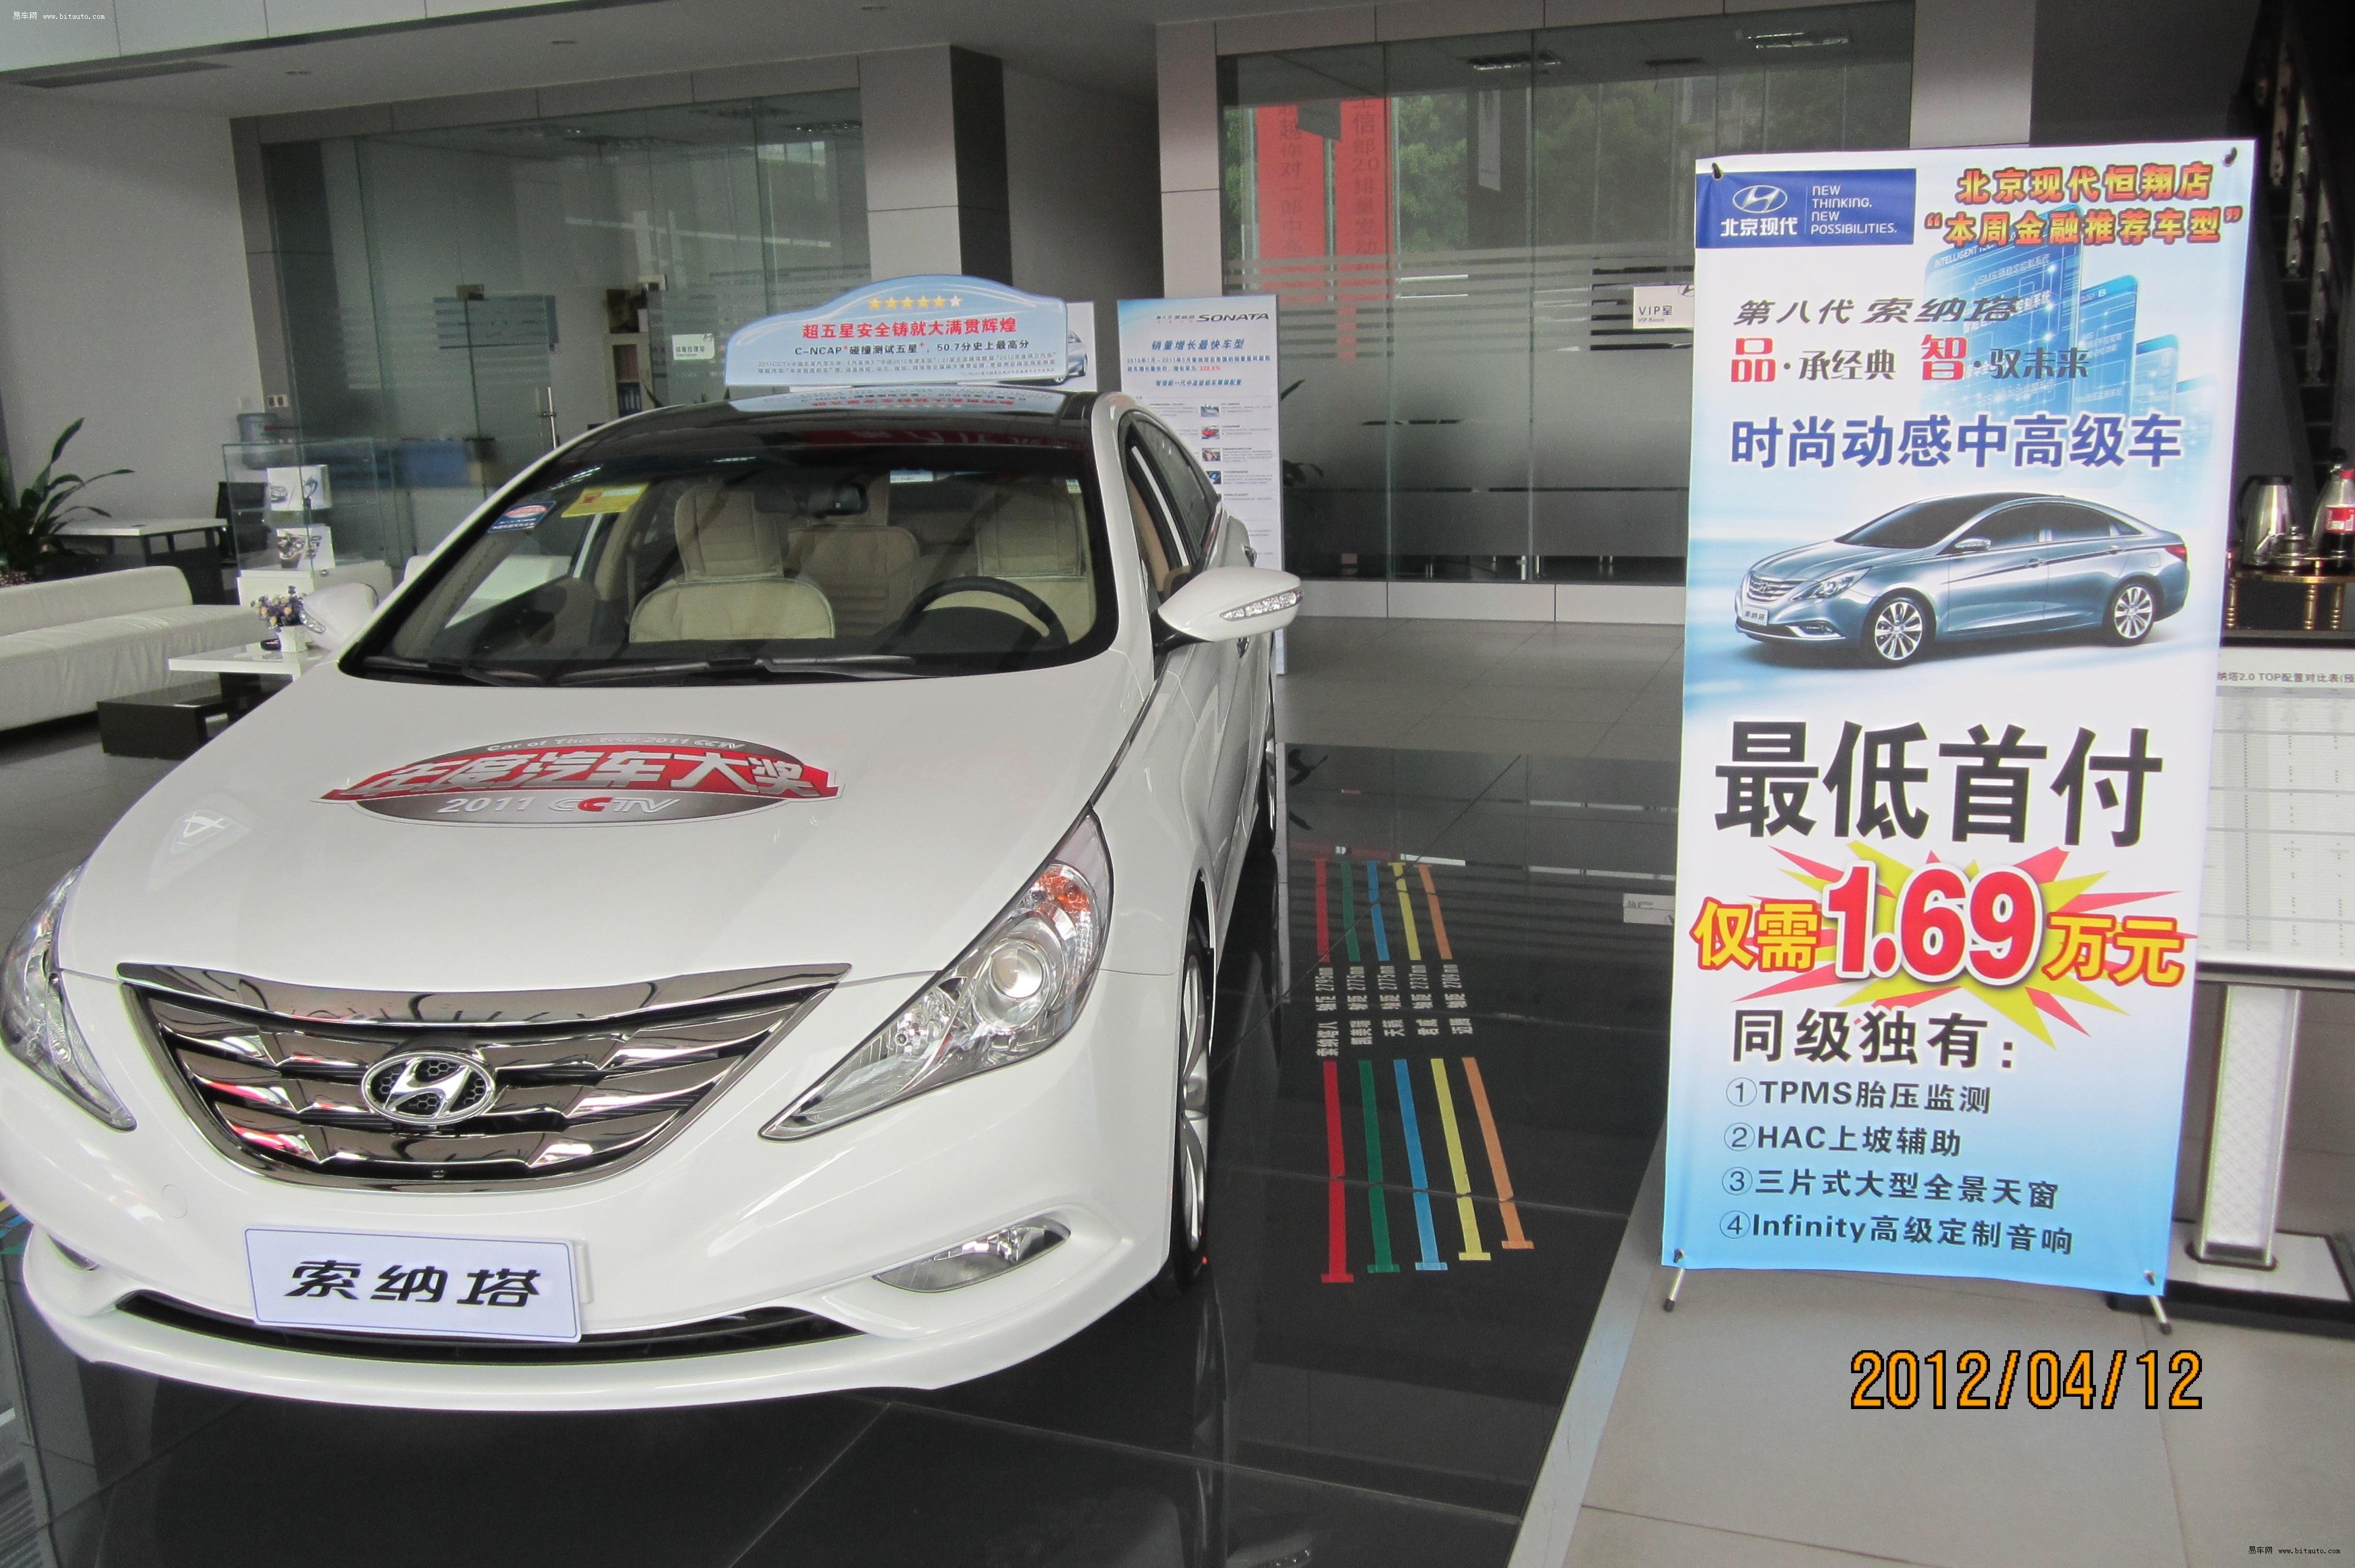 6900元起 北京现代汽车开回家高清图片